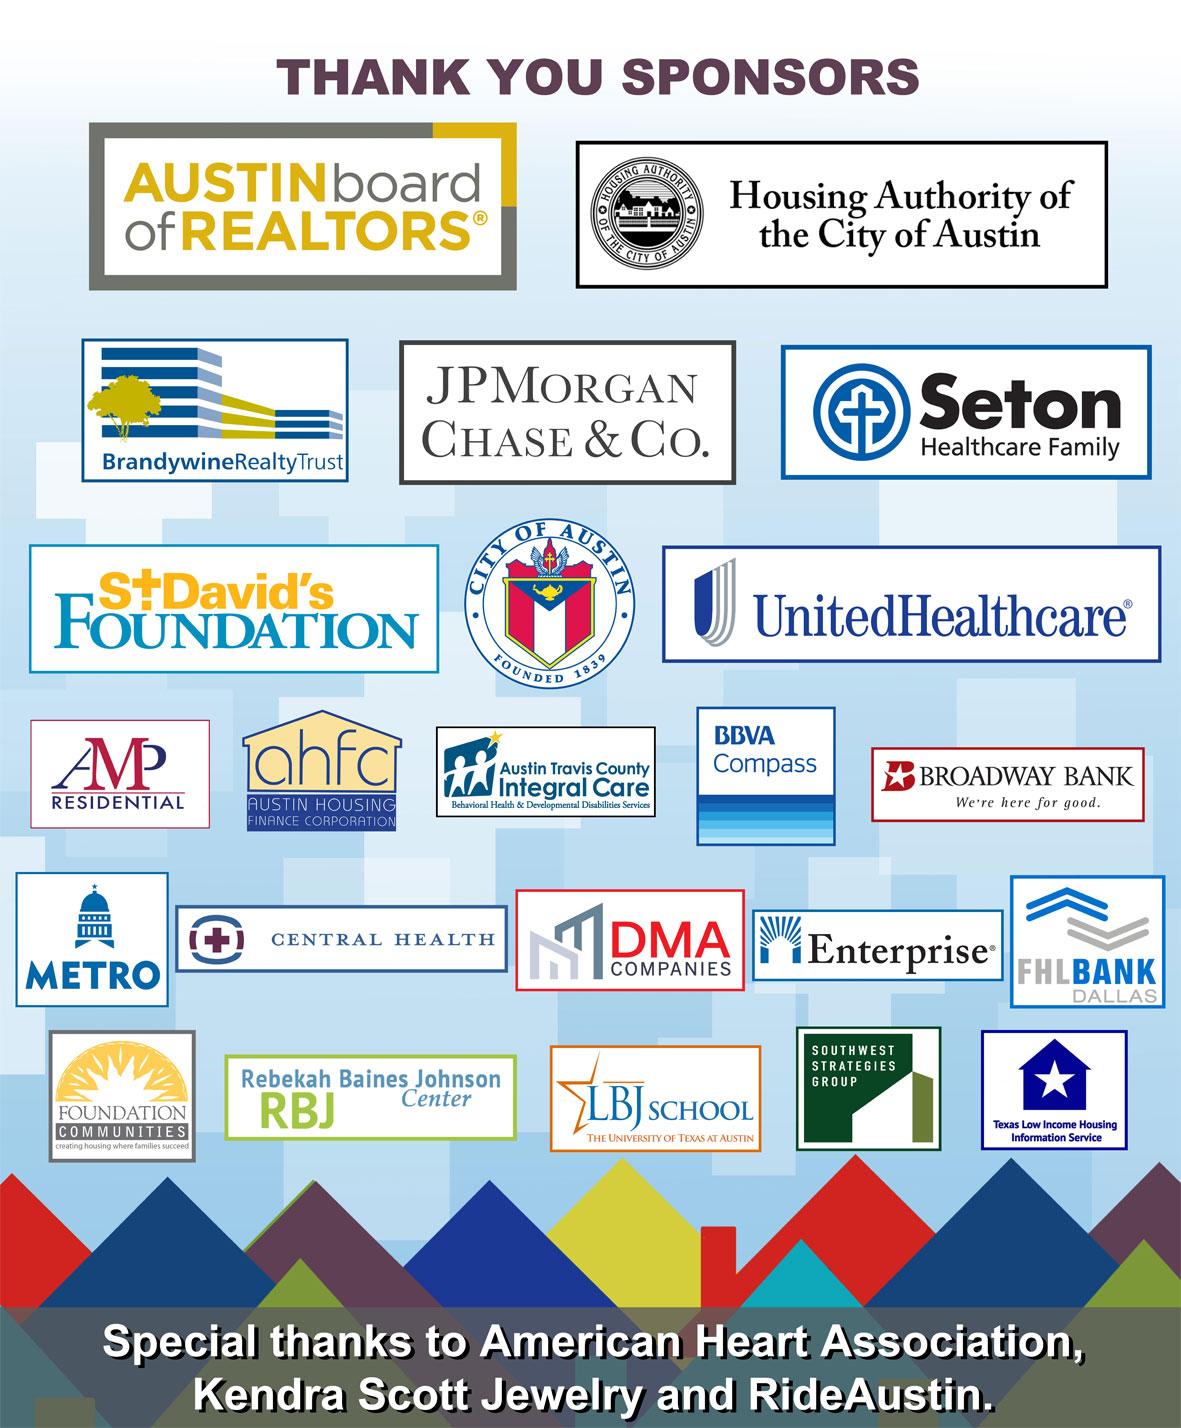 housing-health-poster-sponsors